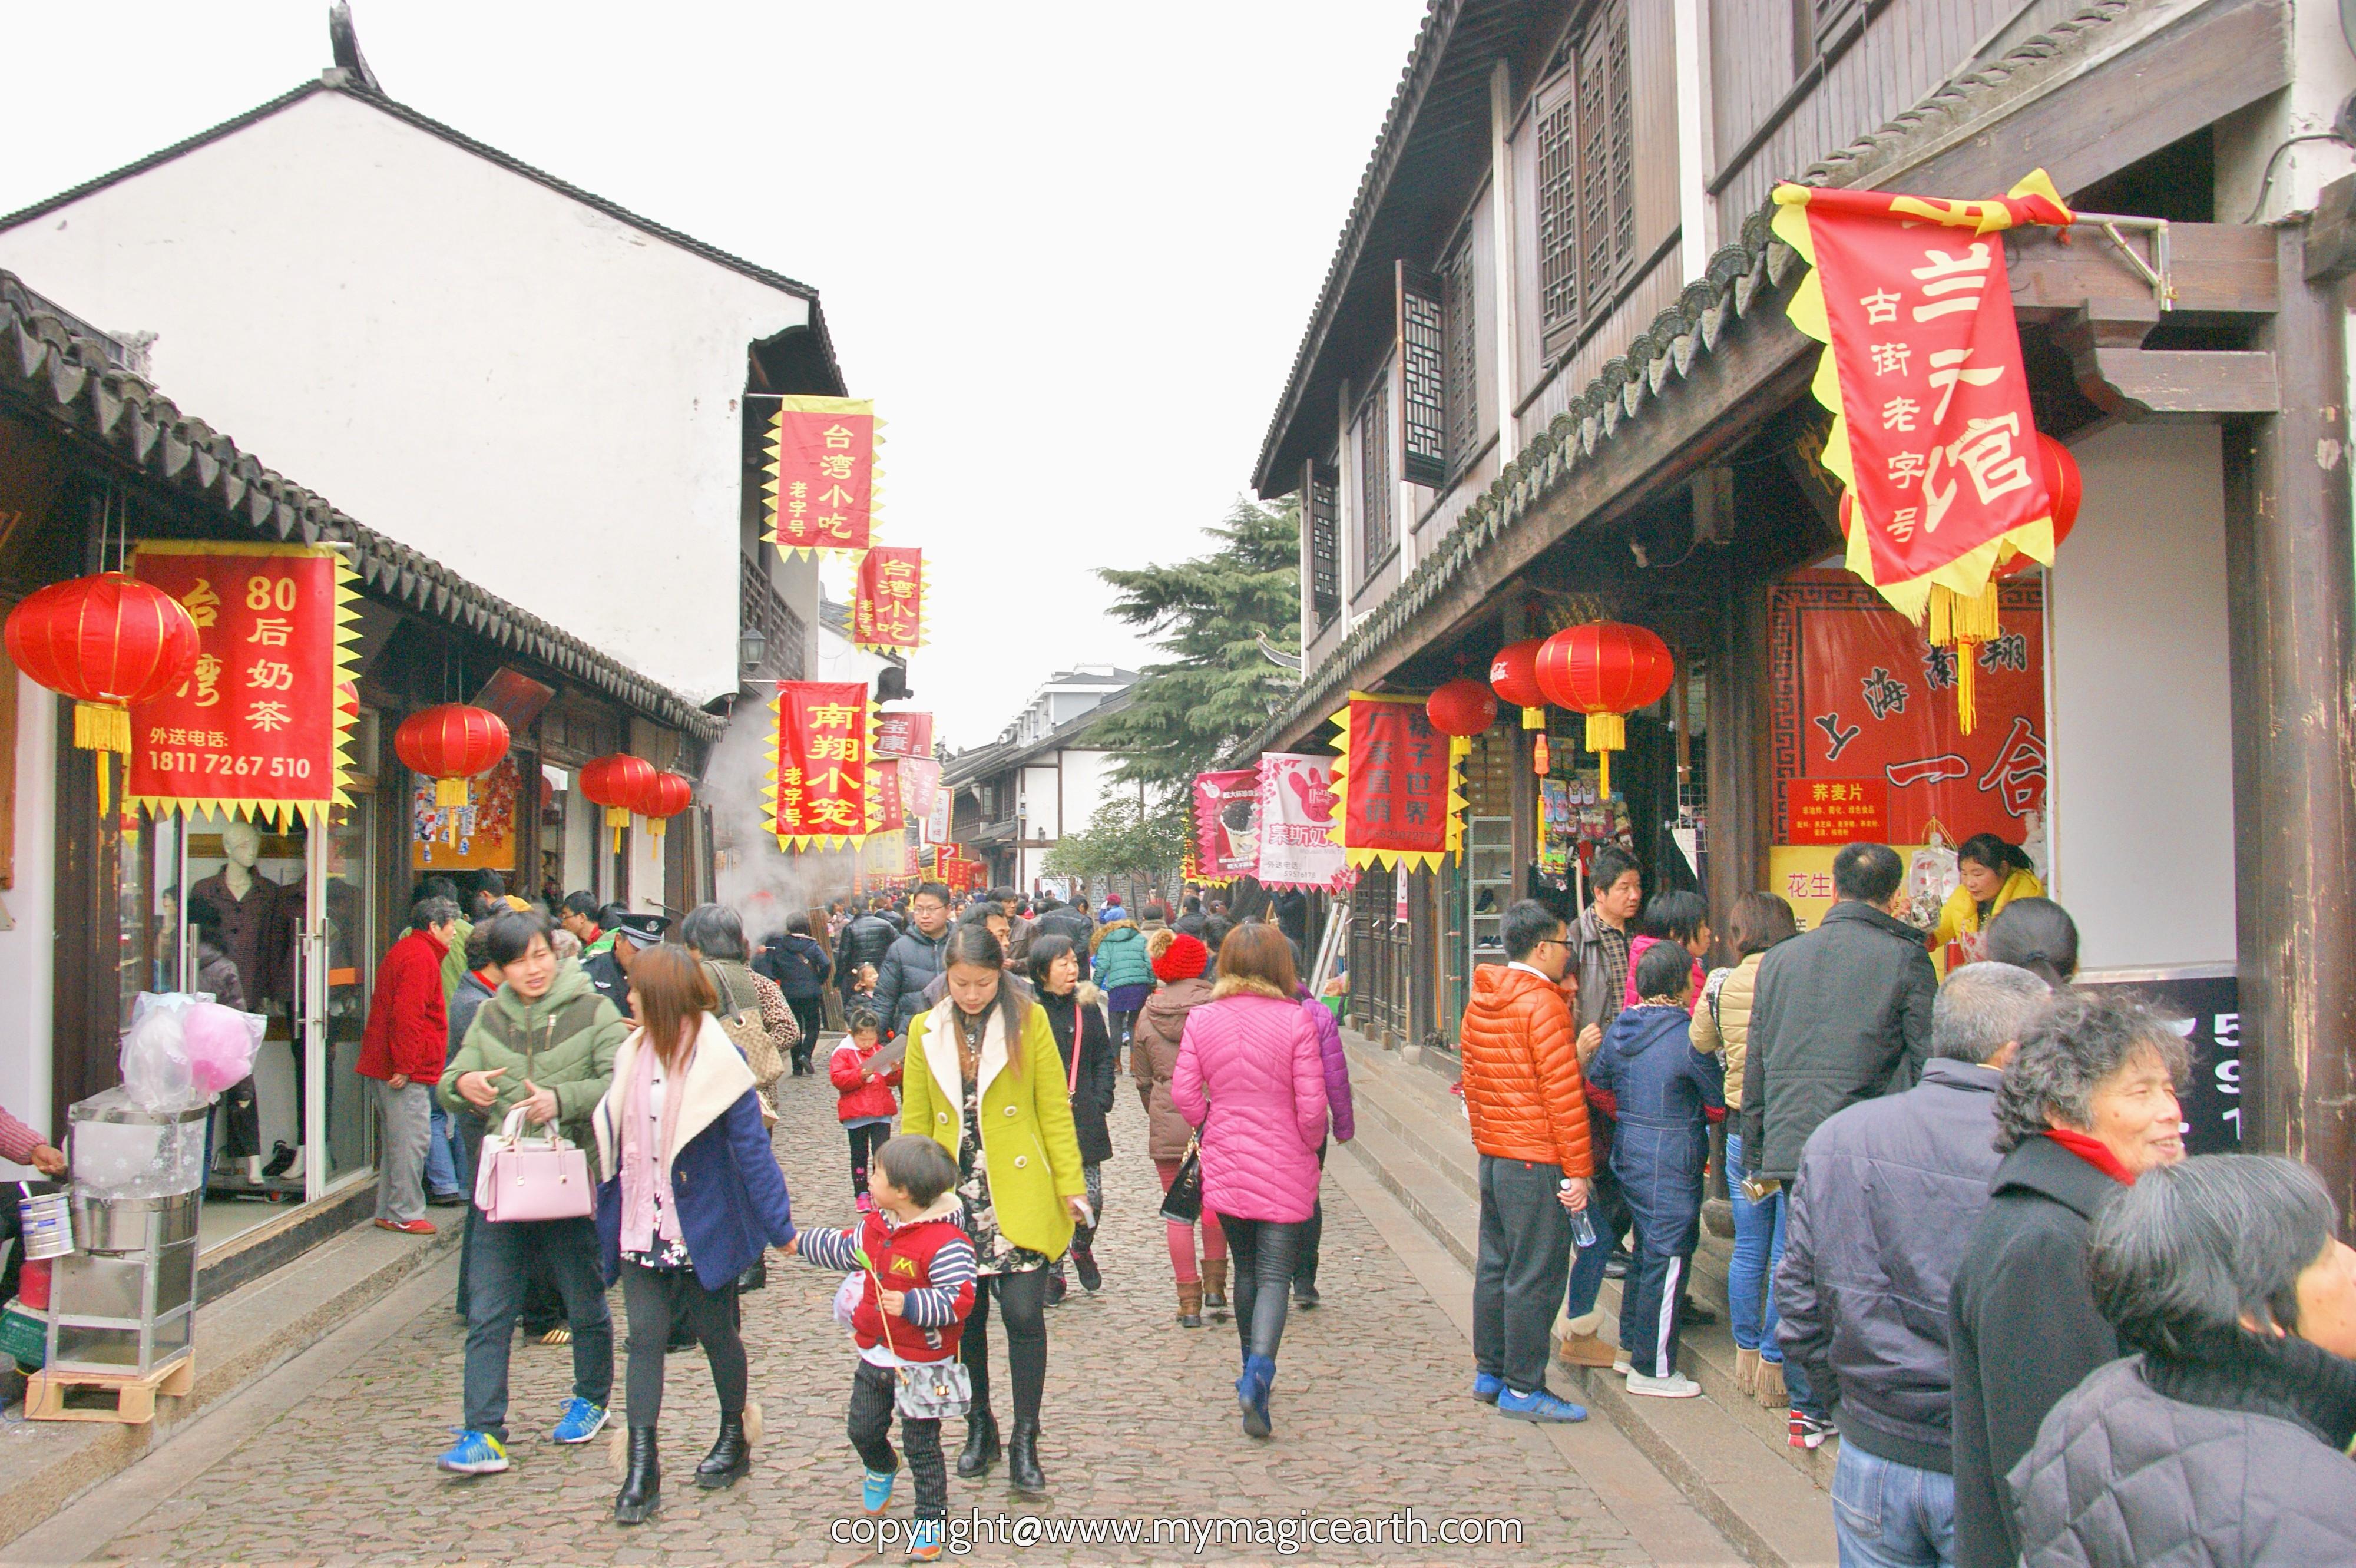 Street Scene During Chinese Spring Festival